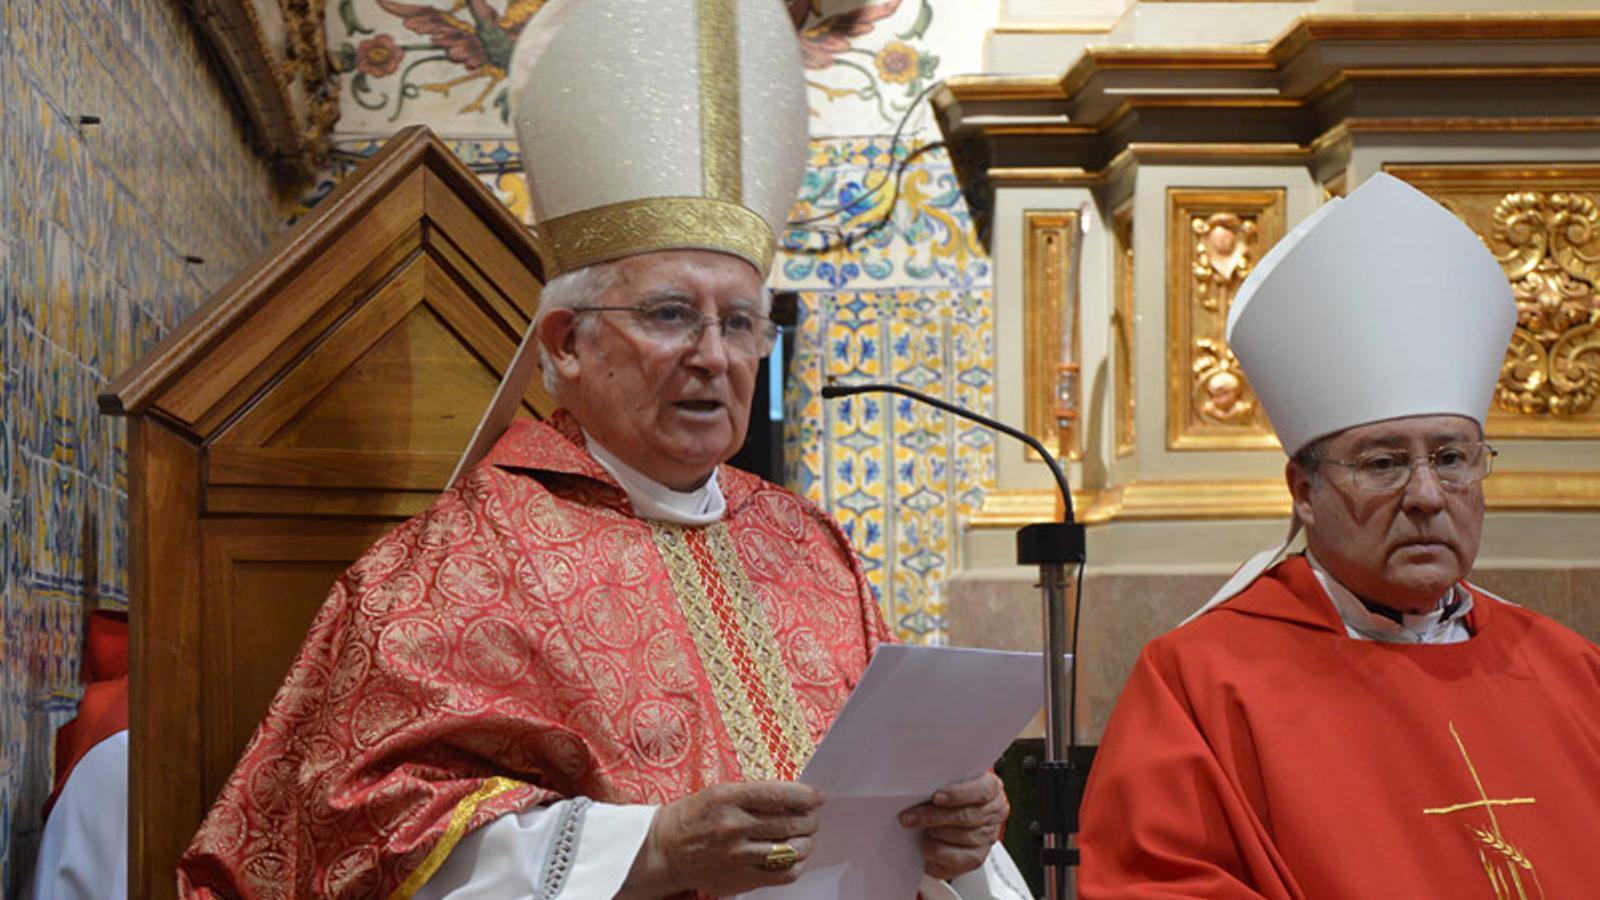 El cardenal i arquebisbe de València, Antonio Cañizares, durant l'obertura del curs acadèmic de la Universitat Catòlica de València / ARQUEBISBAT DE VALÈNCIA